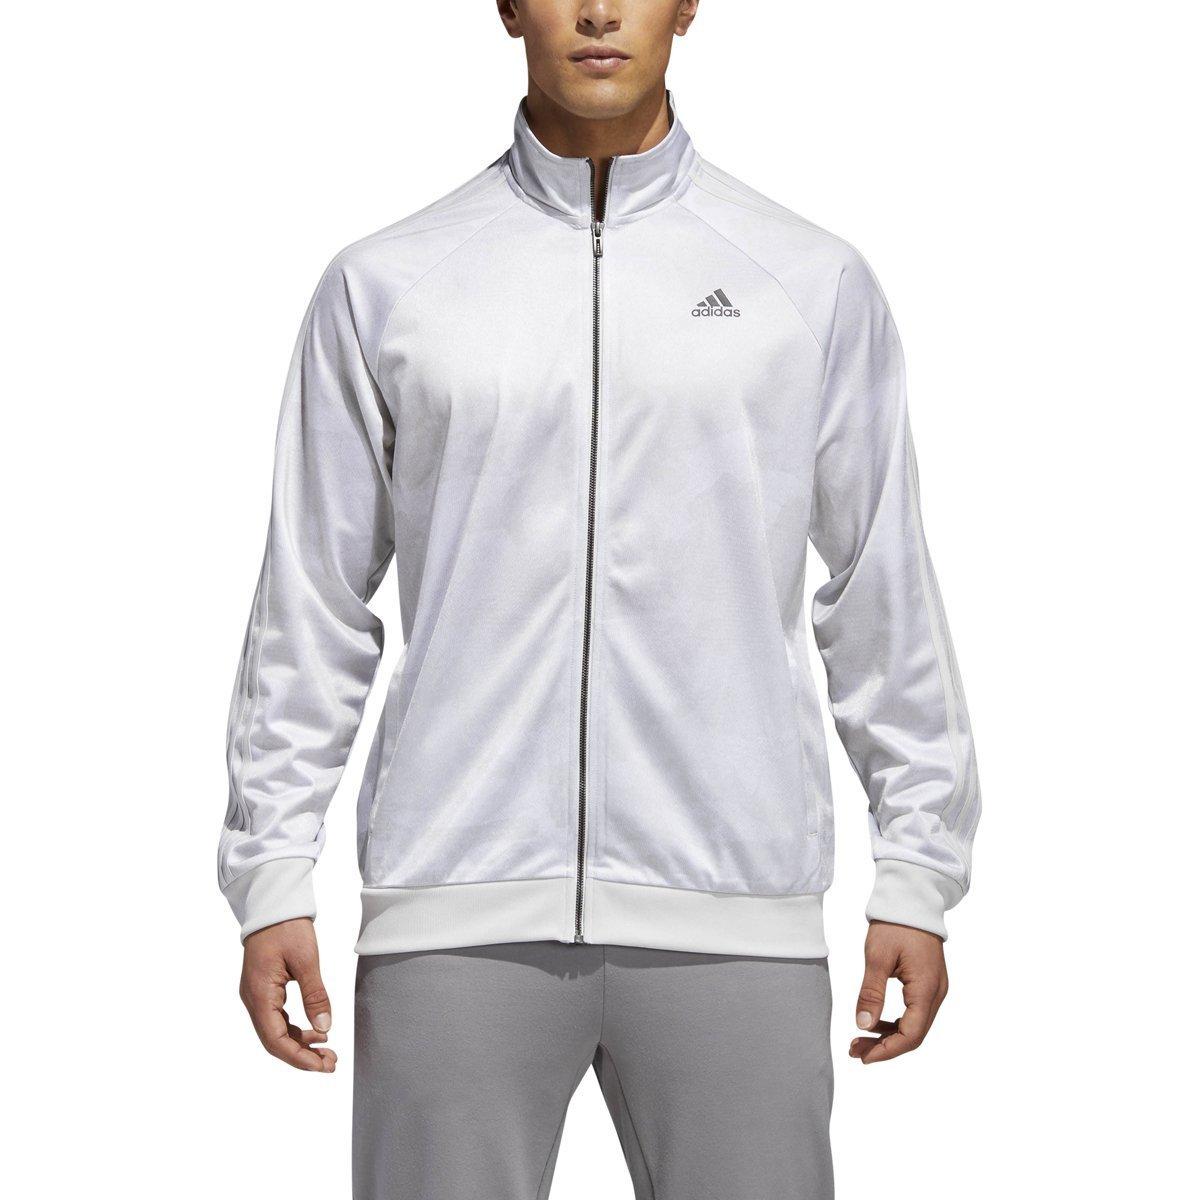 b2b87c5f7bdb0 adidas Men's Essentials 3-Stripe Tricot Track Jacket,Grey One F17,Small